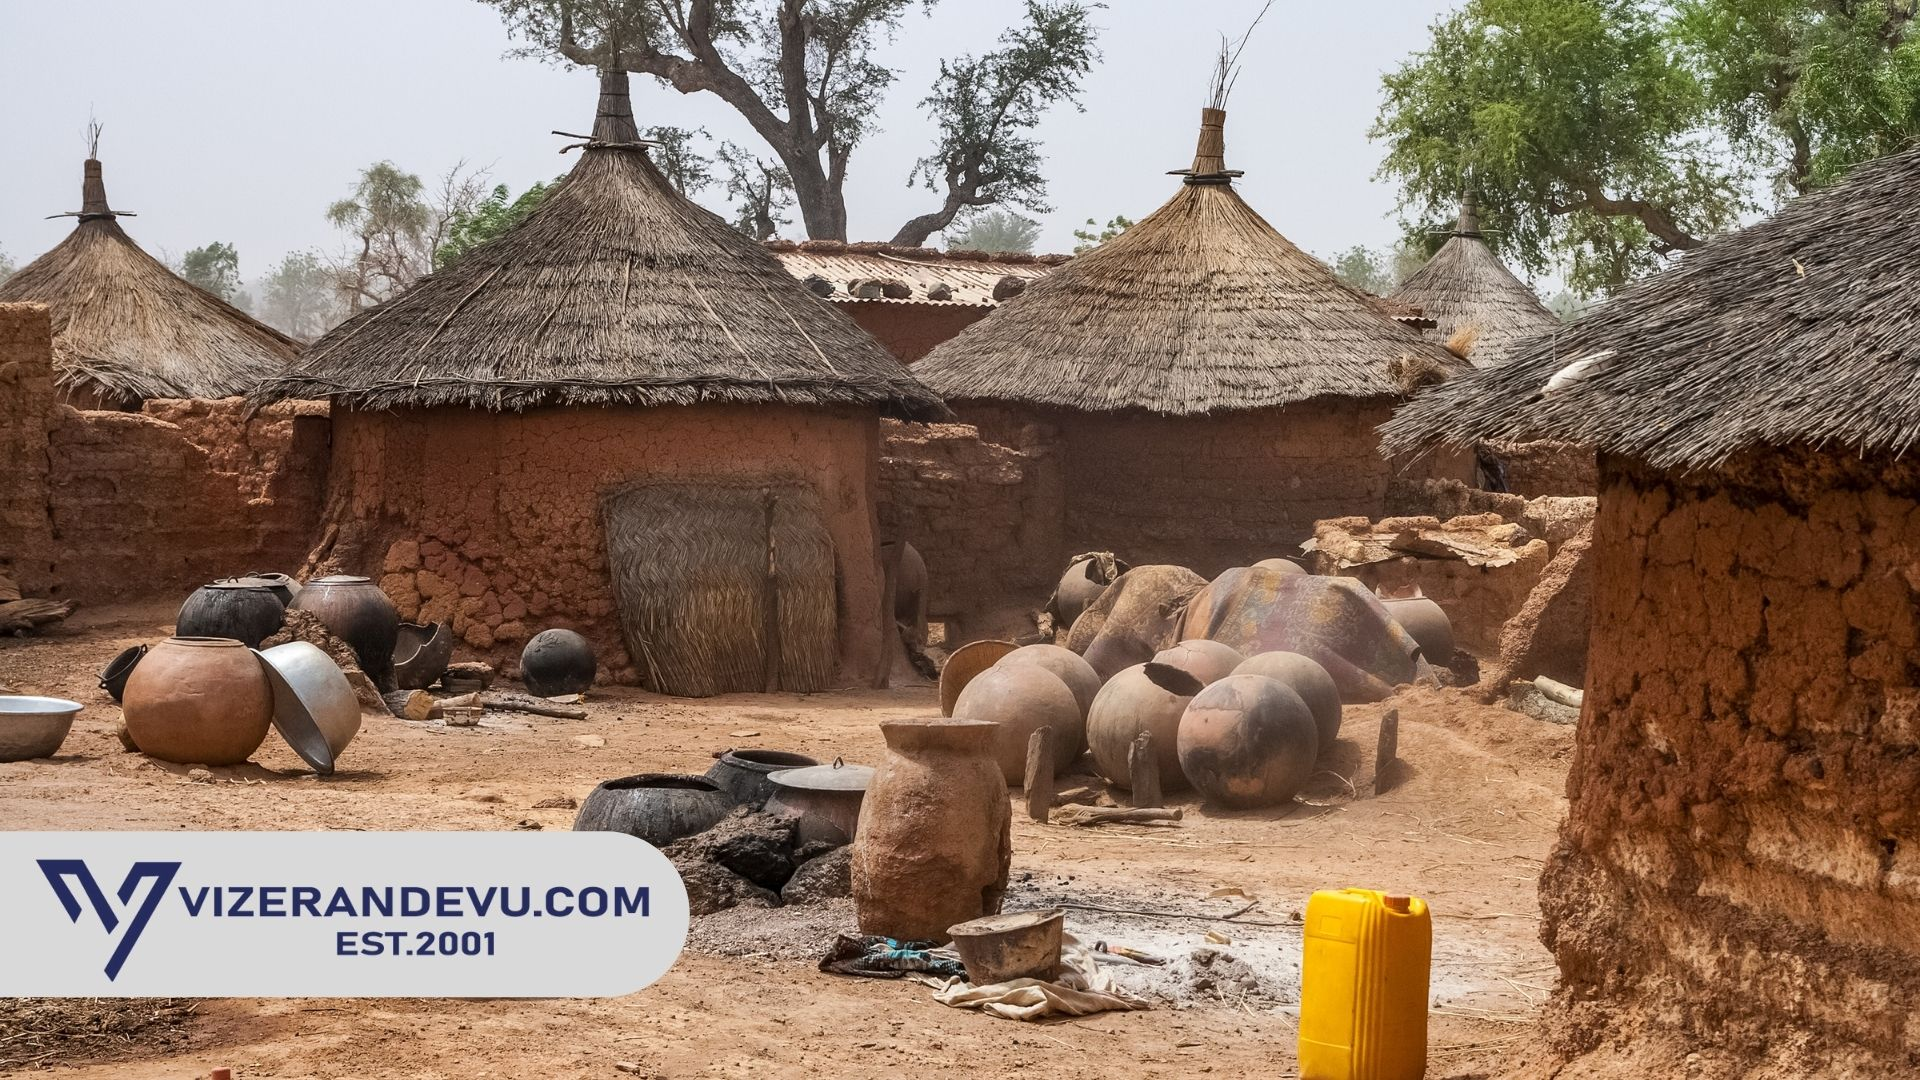 Burkina Faso Vizesi: Randevu ve Başvuru (2021)